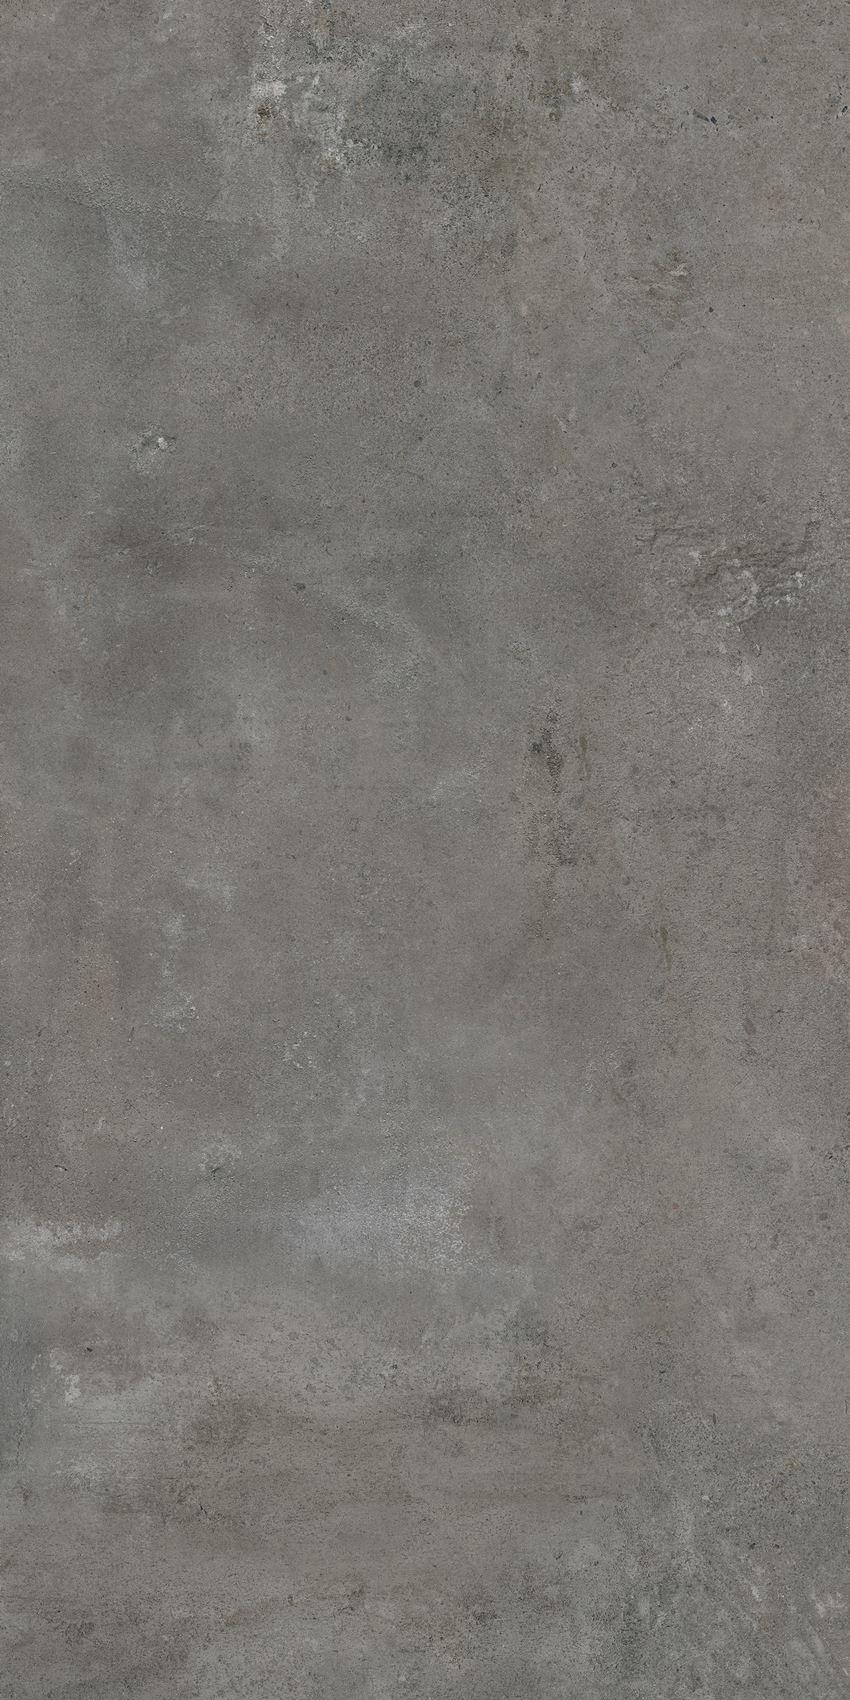 Płytka ścienno-podłogowa Cerrad Softcement graphite 60x120 3